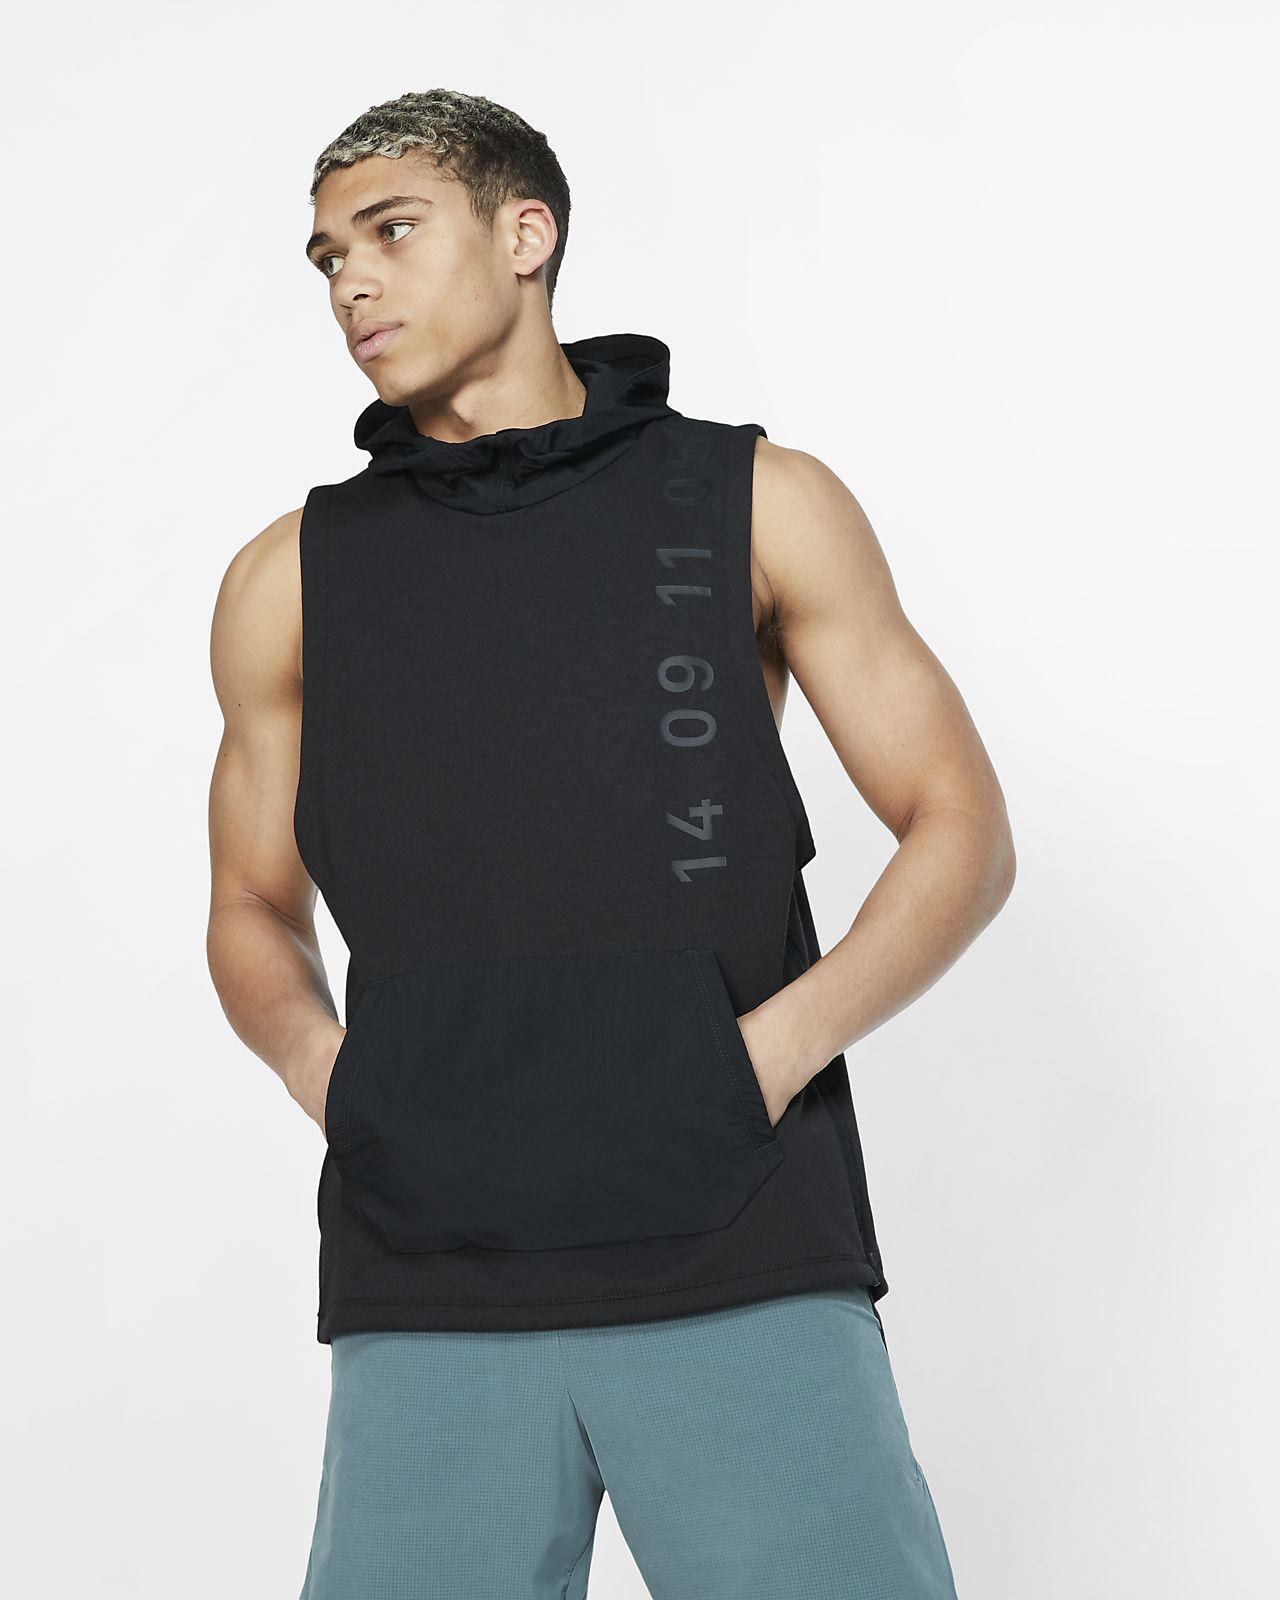 Camisola de treino sem mangas com capuz Nike Therma Tech Pack para homem